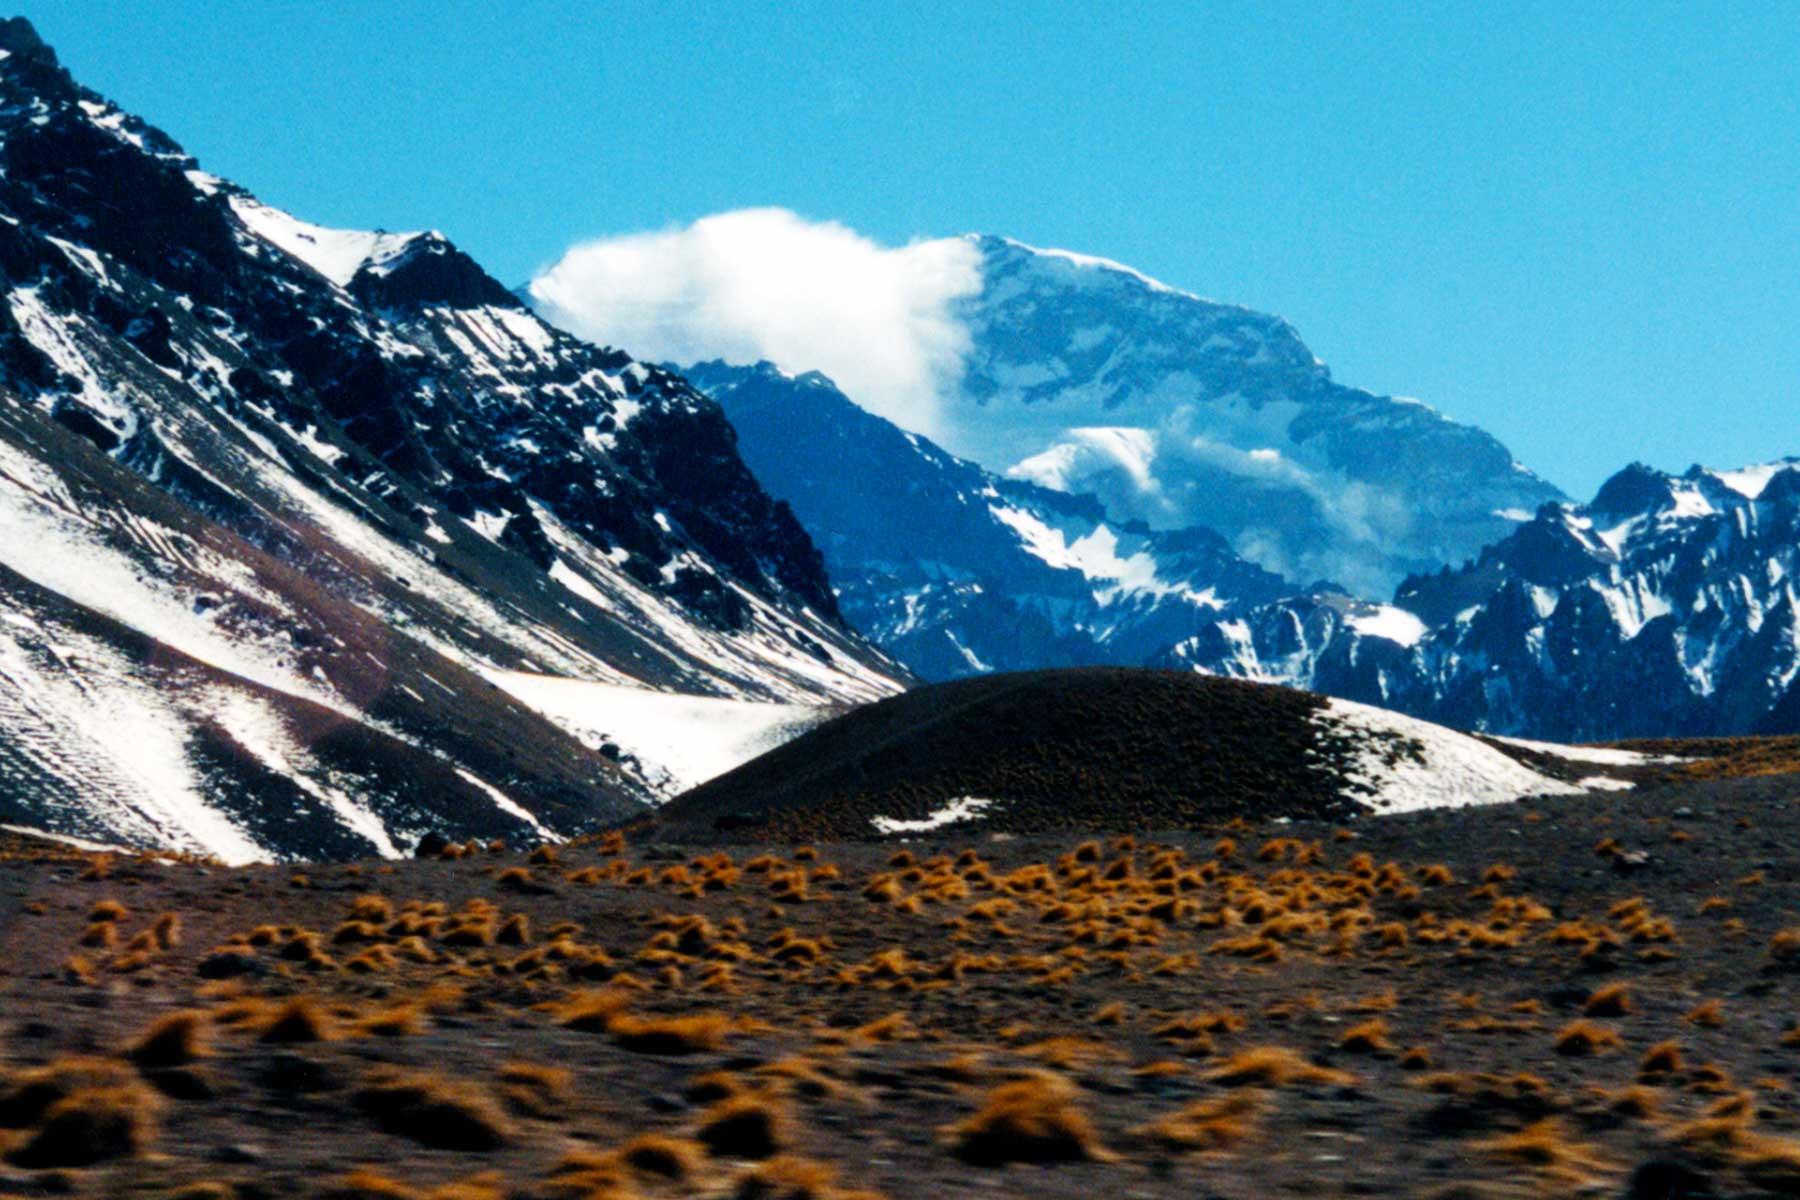 Aconcagua | Argentina | Steven Andrew Martin | South America | Travel Journal | Dr Steven Martin